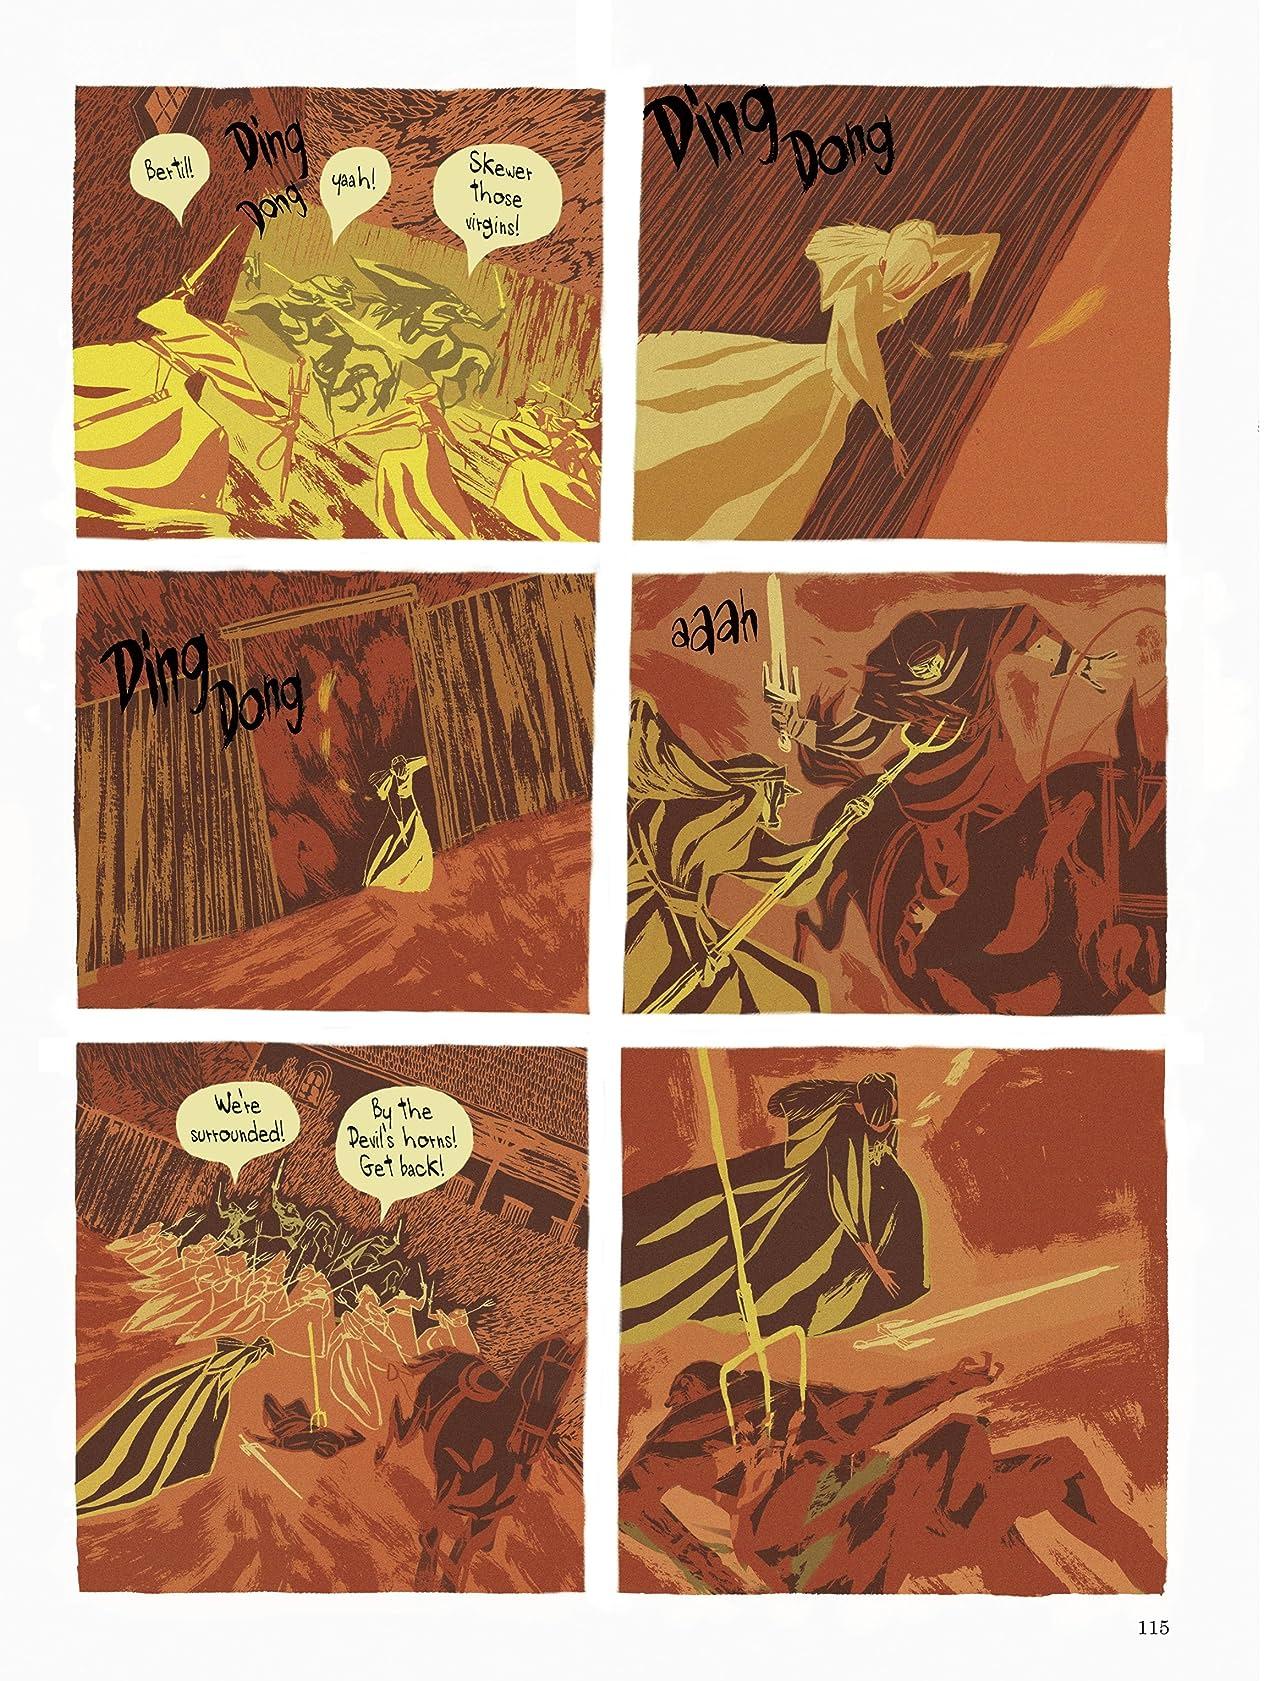 The Golden Age Vol. 1: Part 2